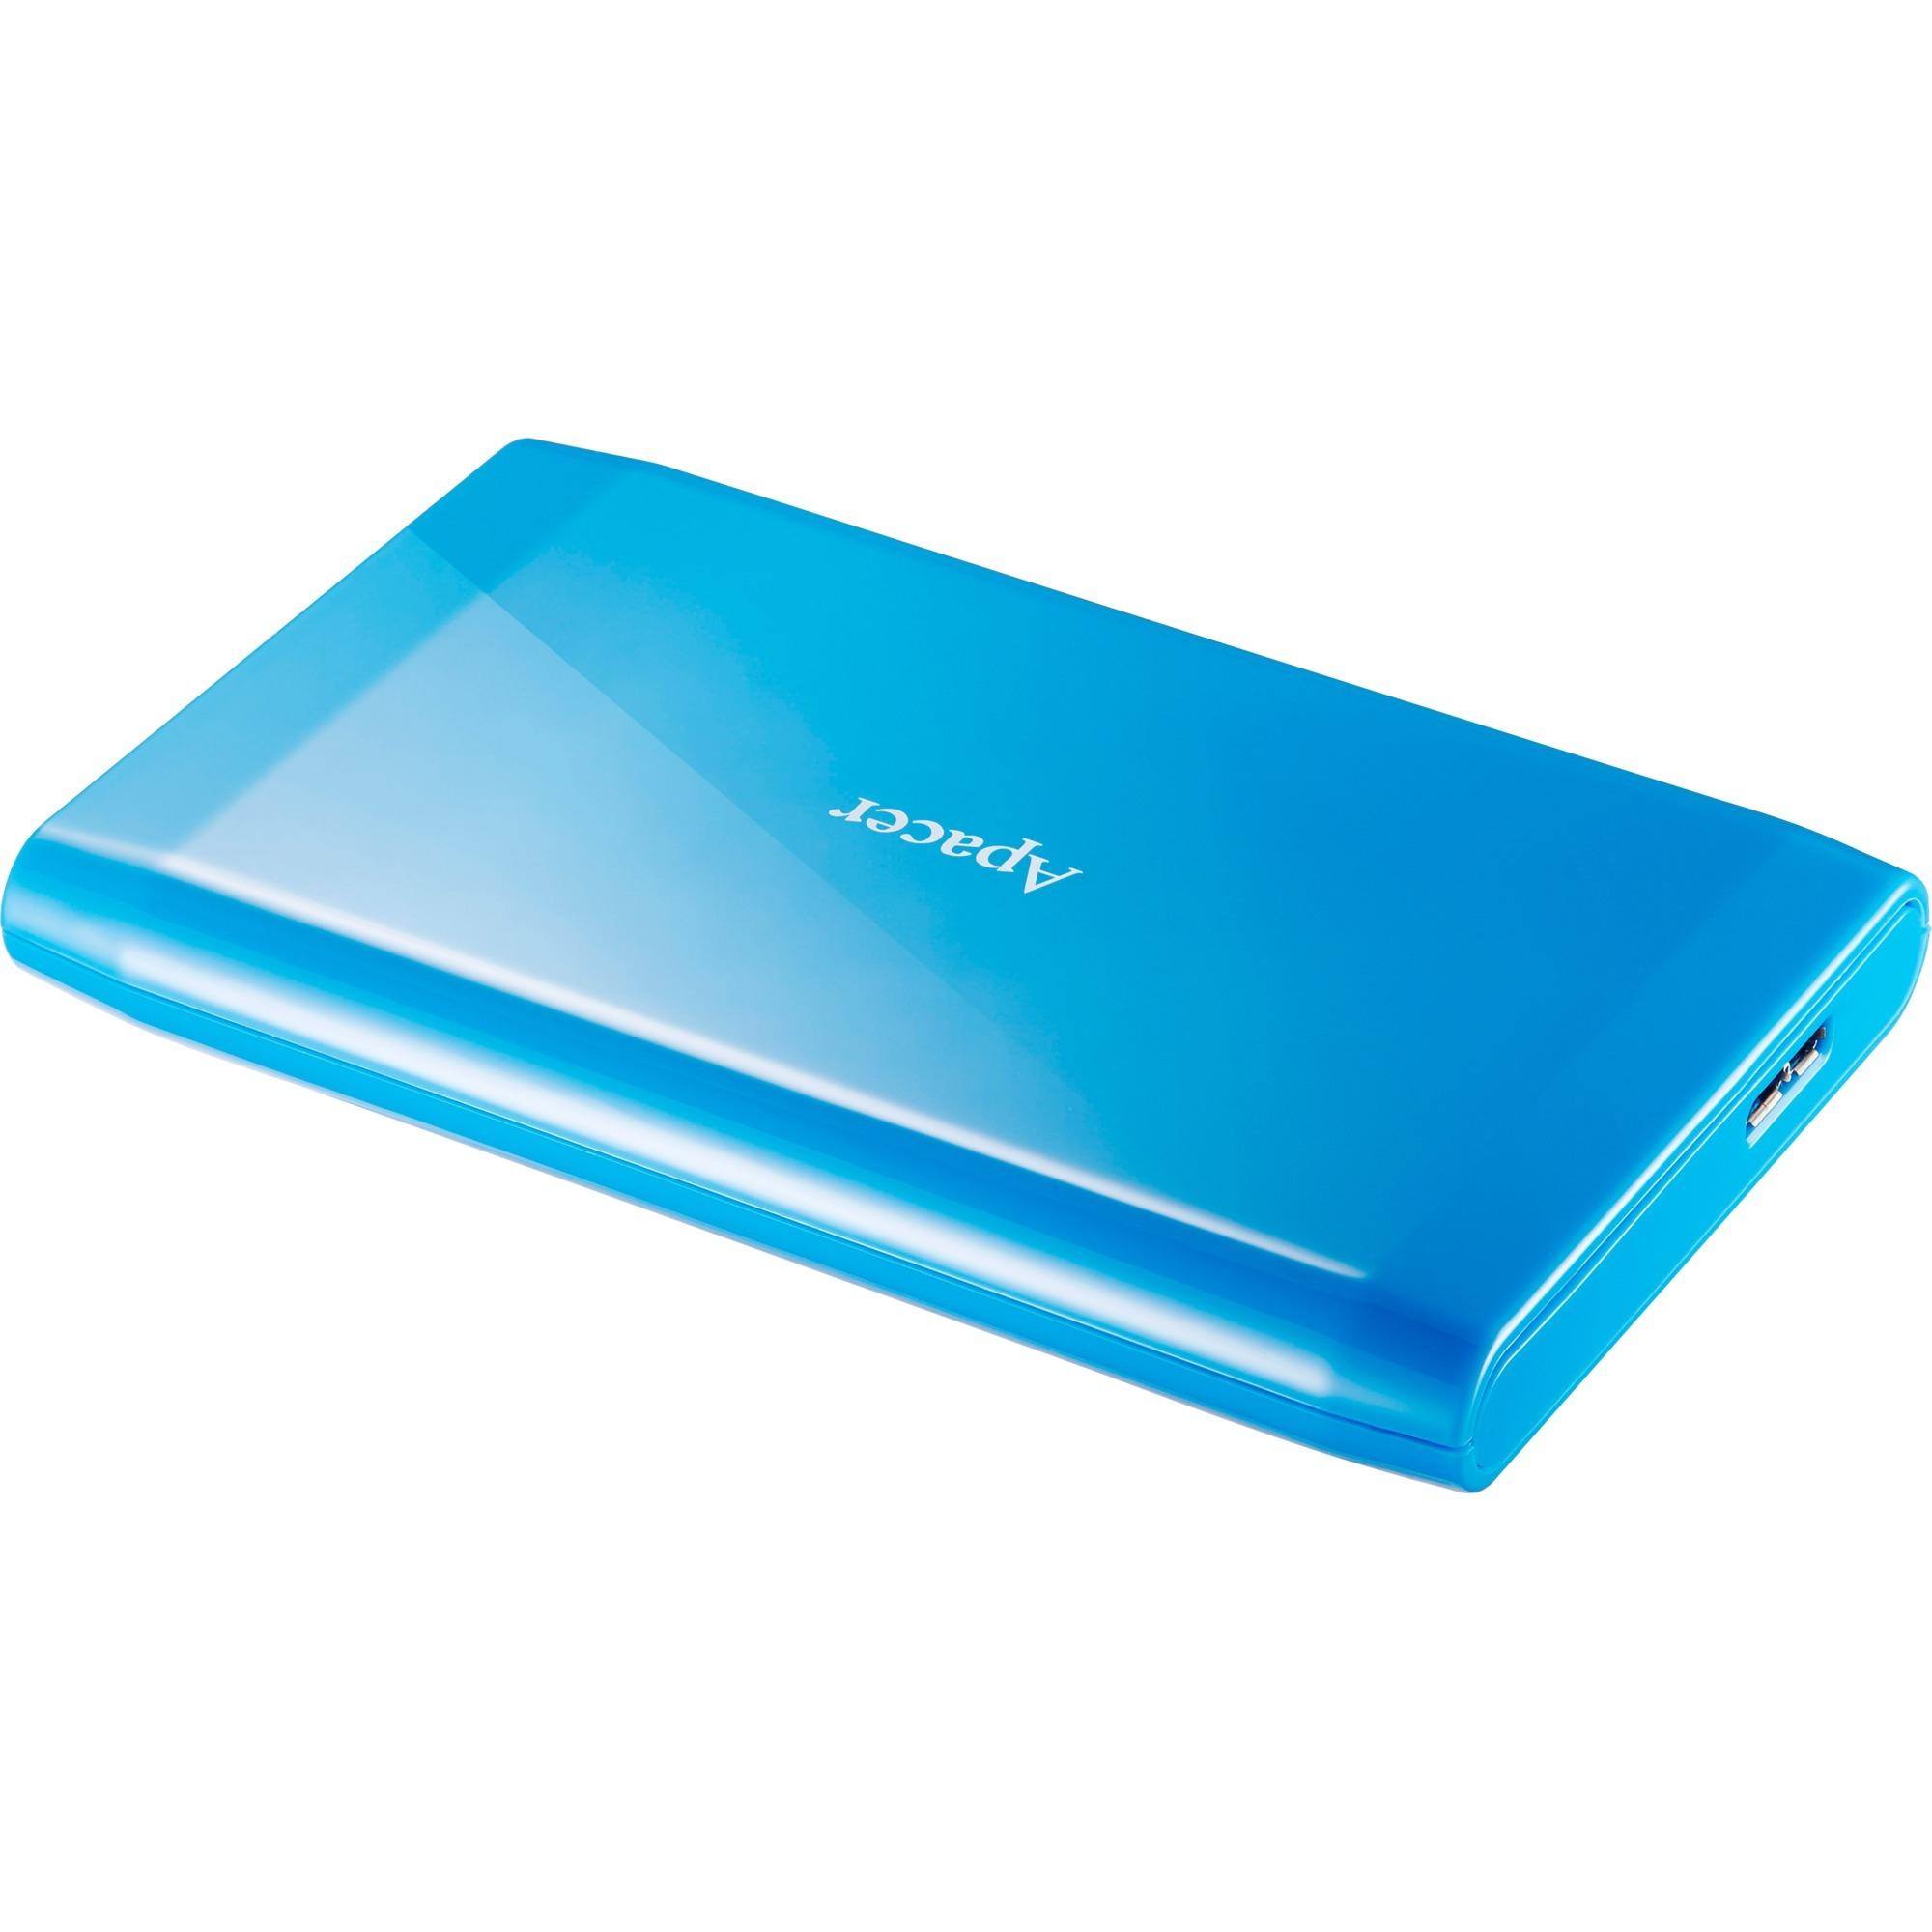 AC235 disco duro externo 1000 GB Azul, Unidad de disco duro